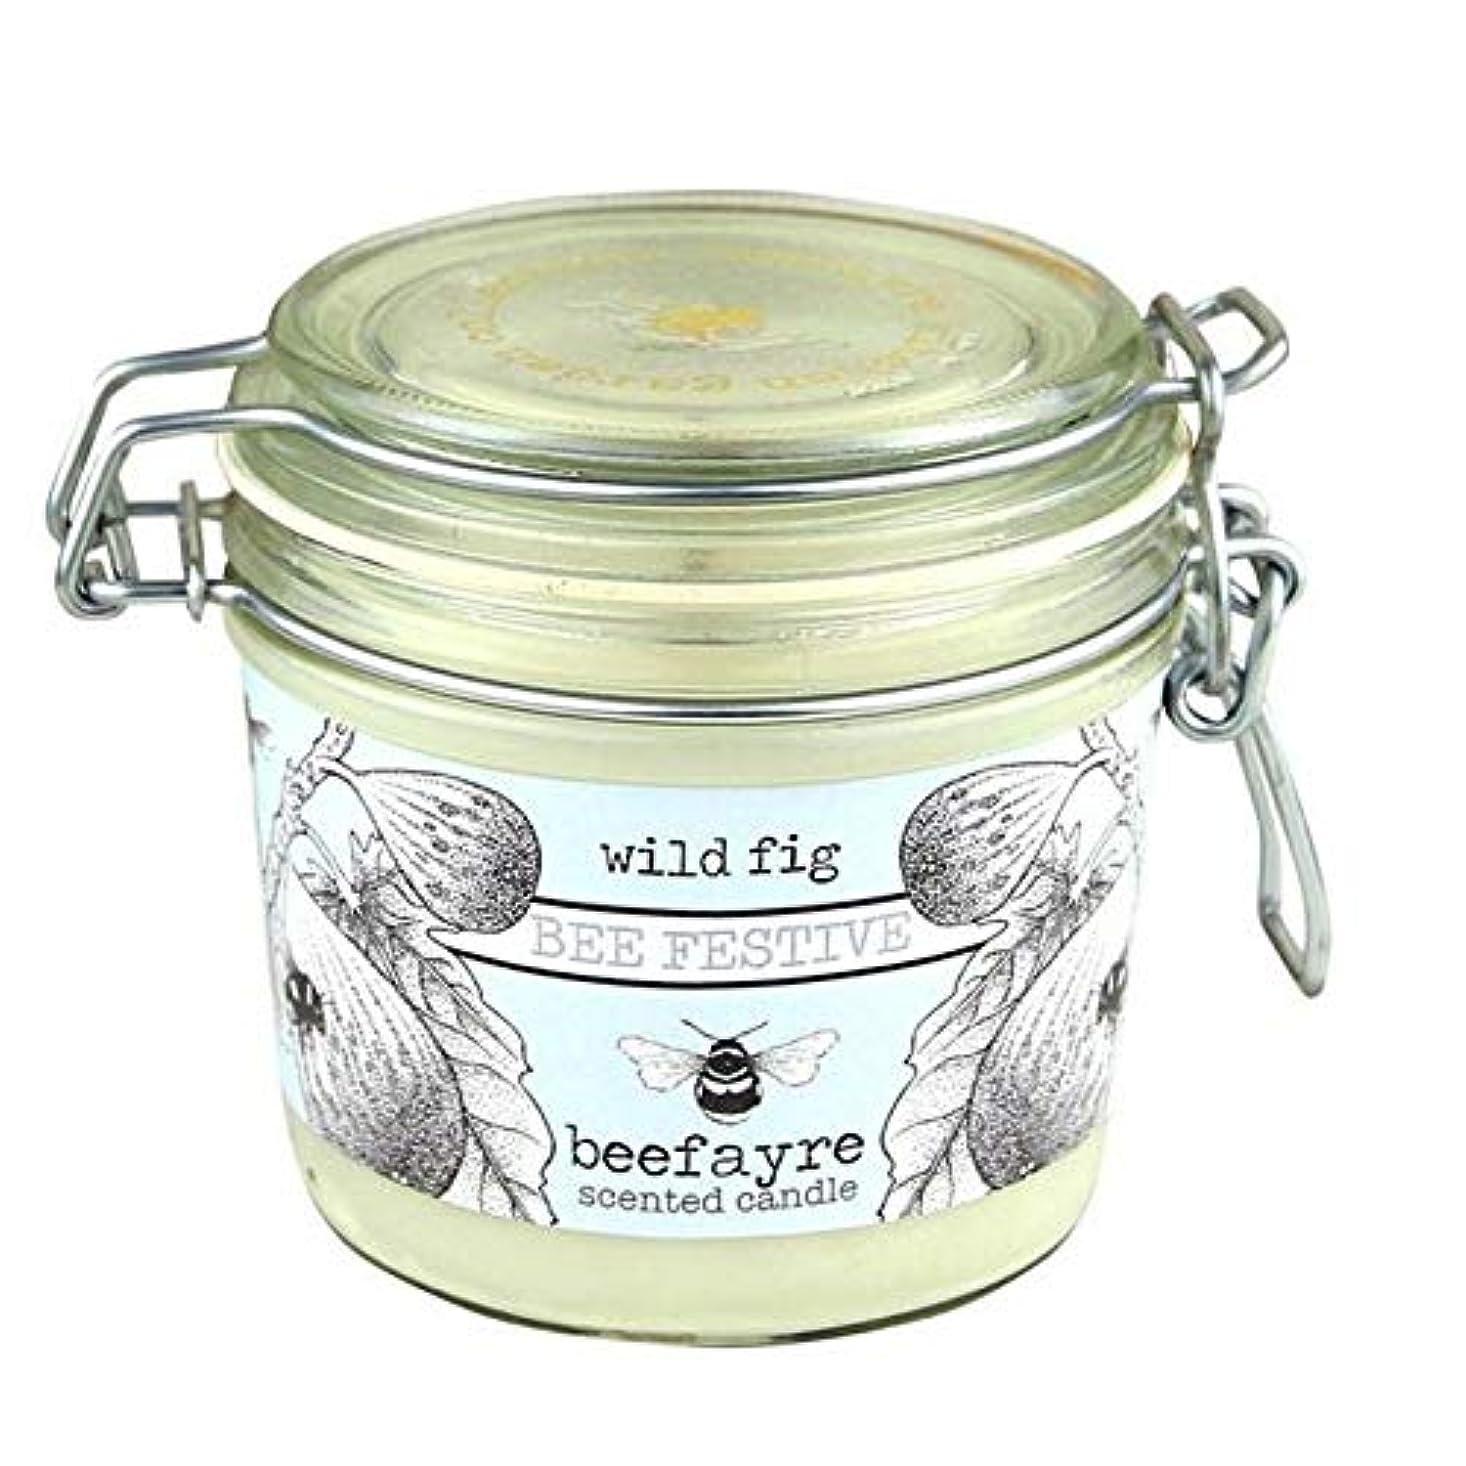 スキニー倍増冷笑する[Beefayre] 野生のイチジク大きな香りのキャンドルBeefayre - Beefayre Wild Fig Large Scented Candle [並行輸入品]